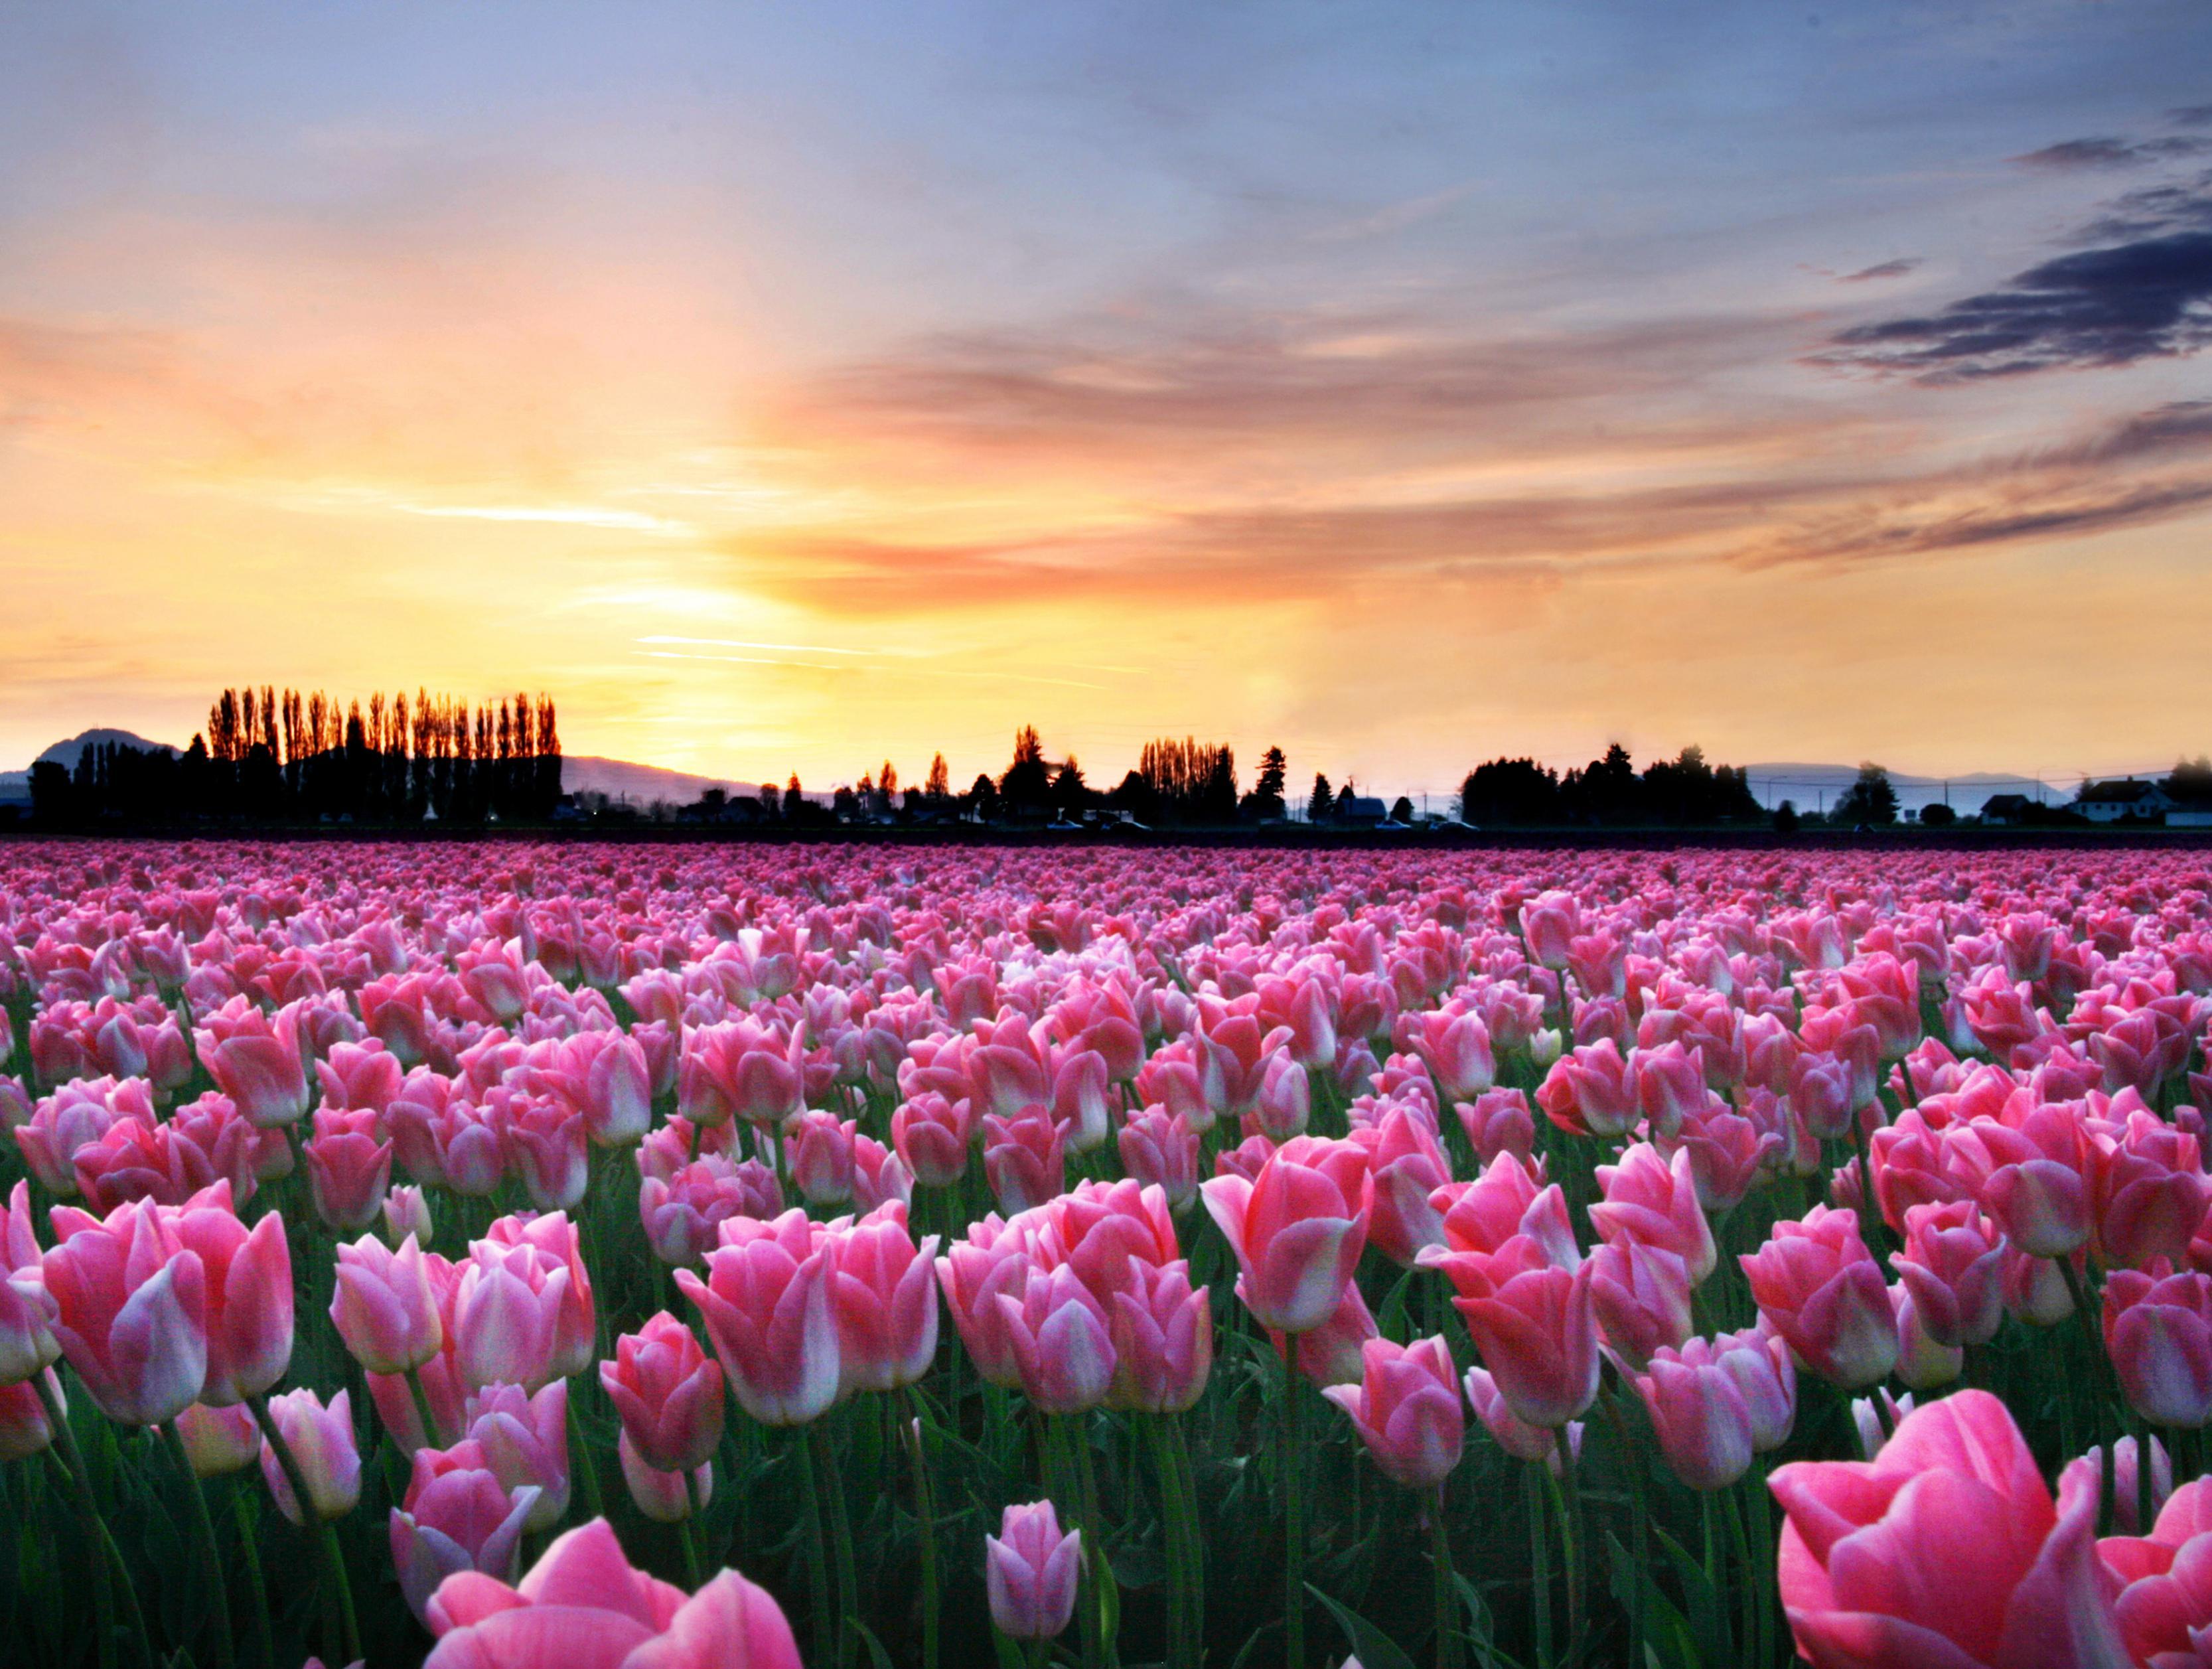 صور صور فصل الربيع , اجمل خلفيات كمبيوتر وهواتف من فصل الربيع